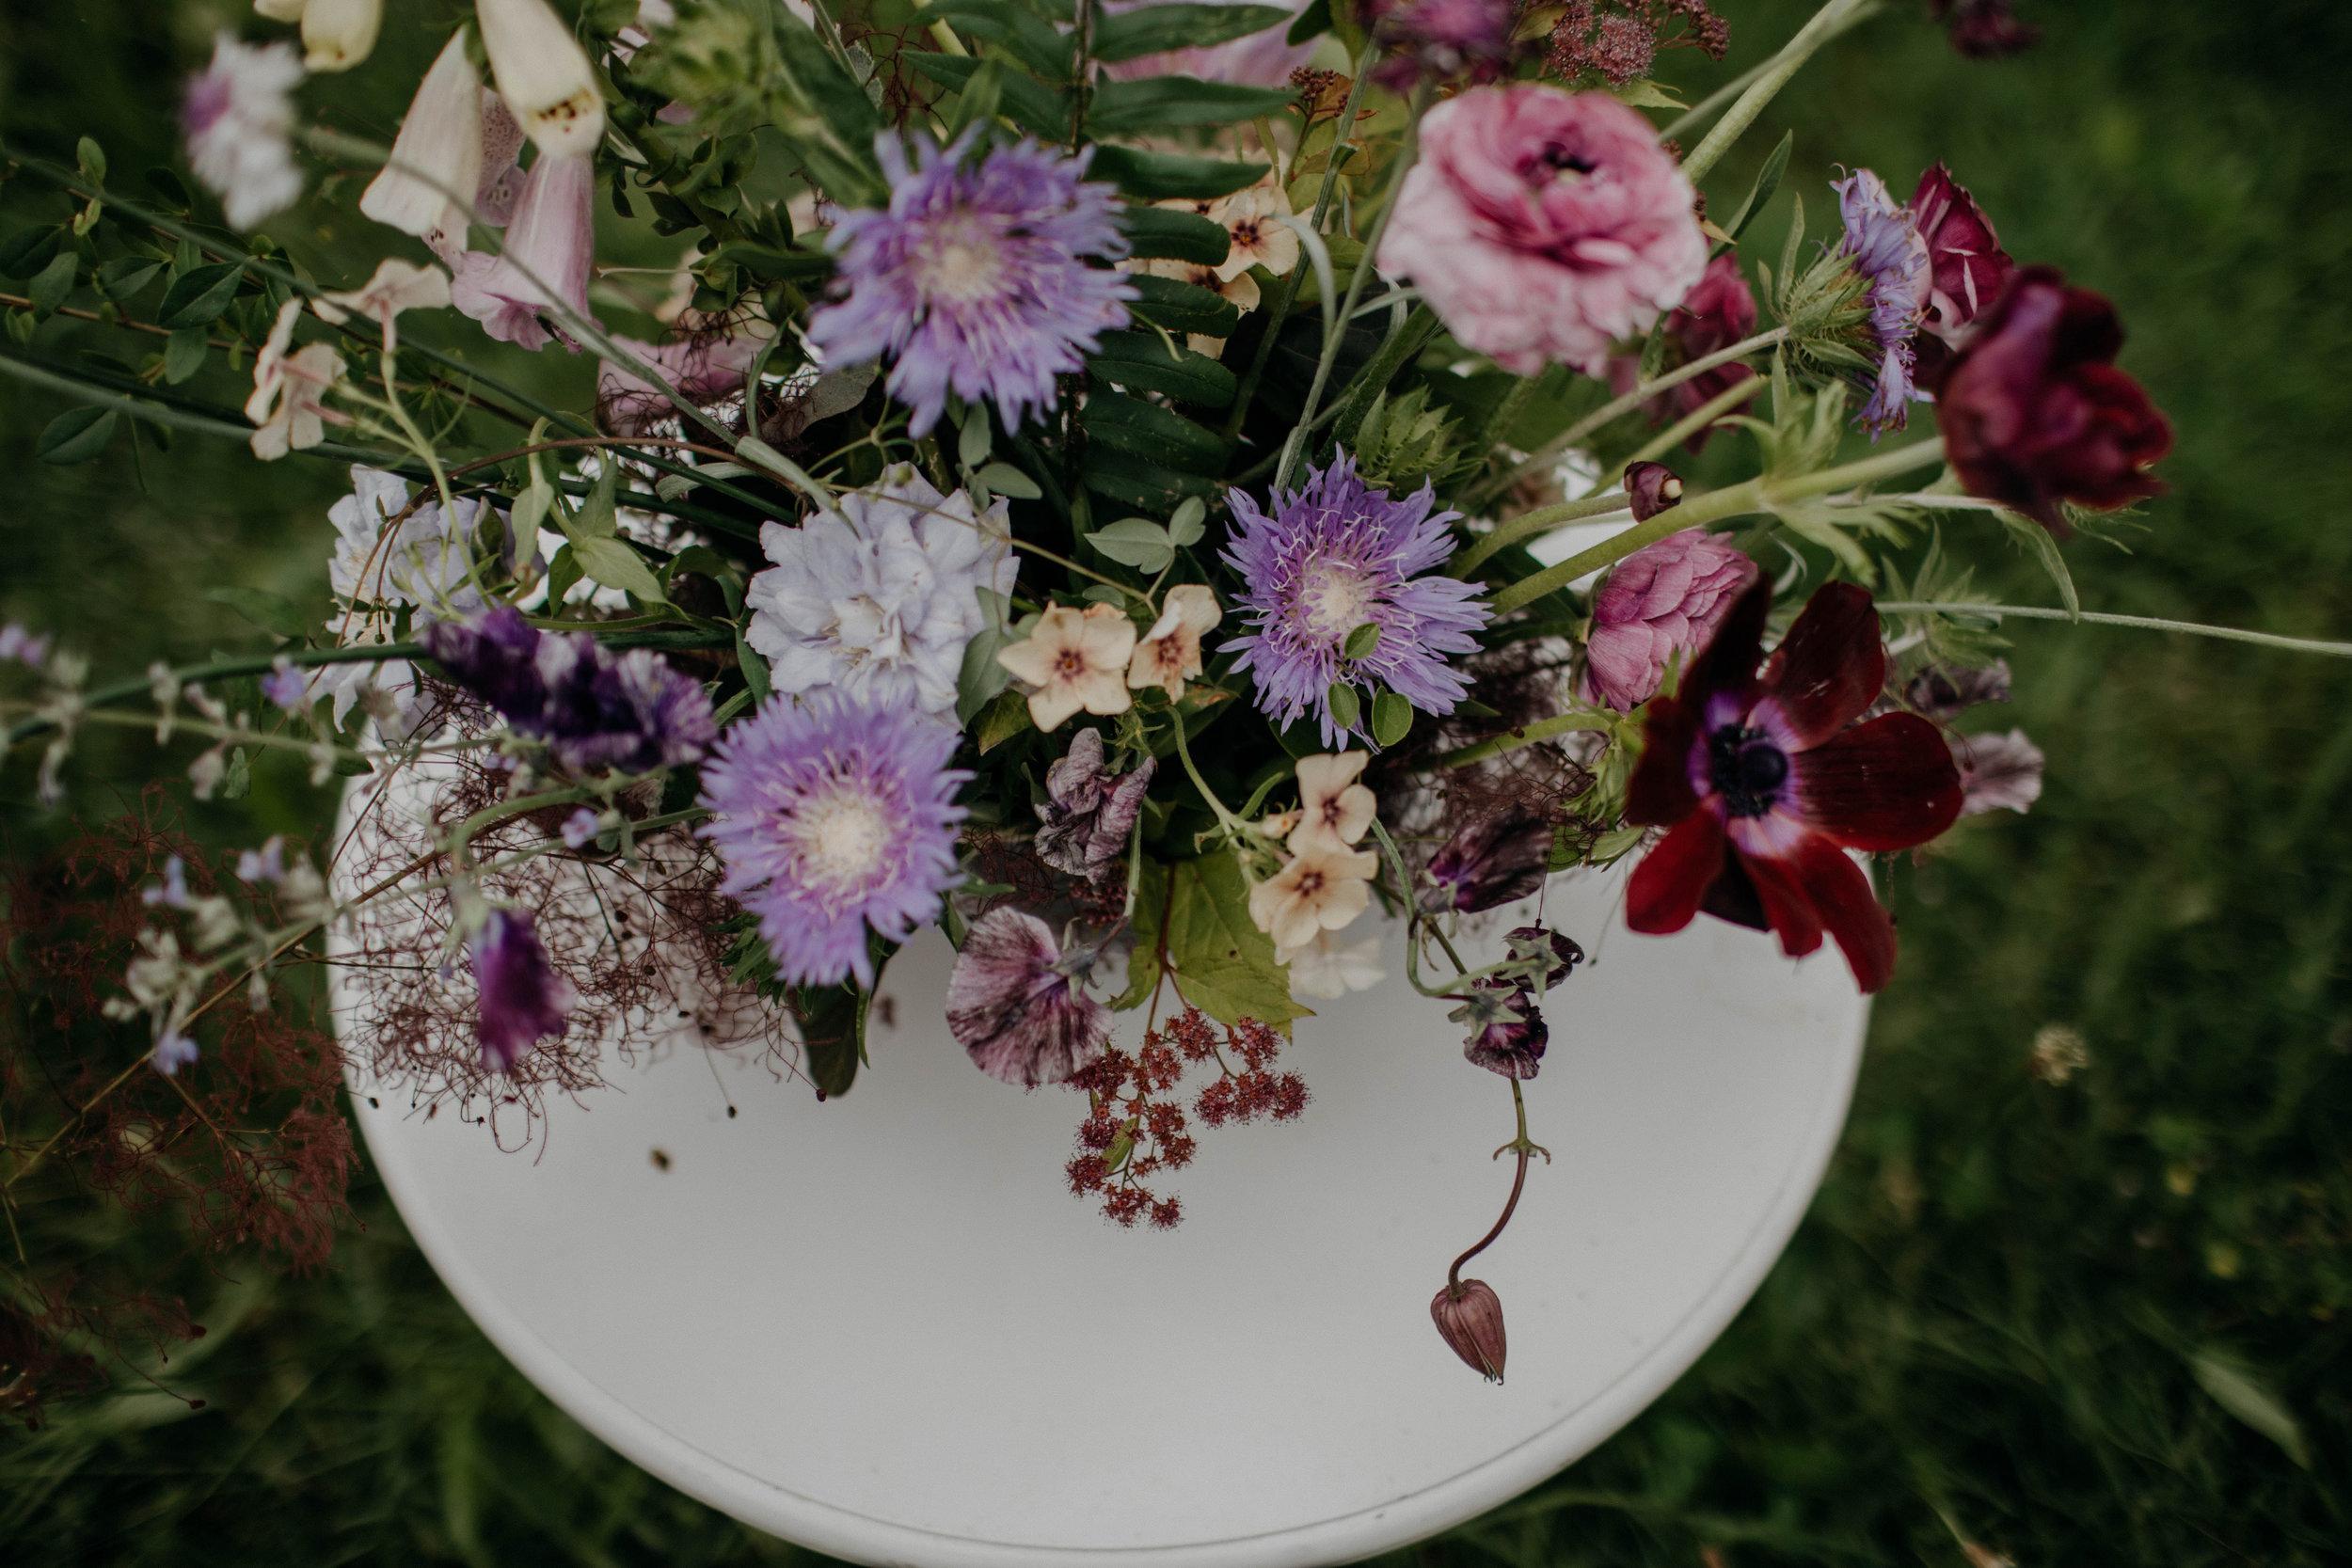 nashville floral workshop nashville tennessee wedding photographer81.jpg